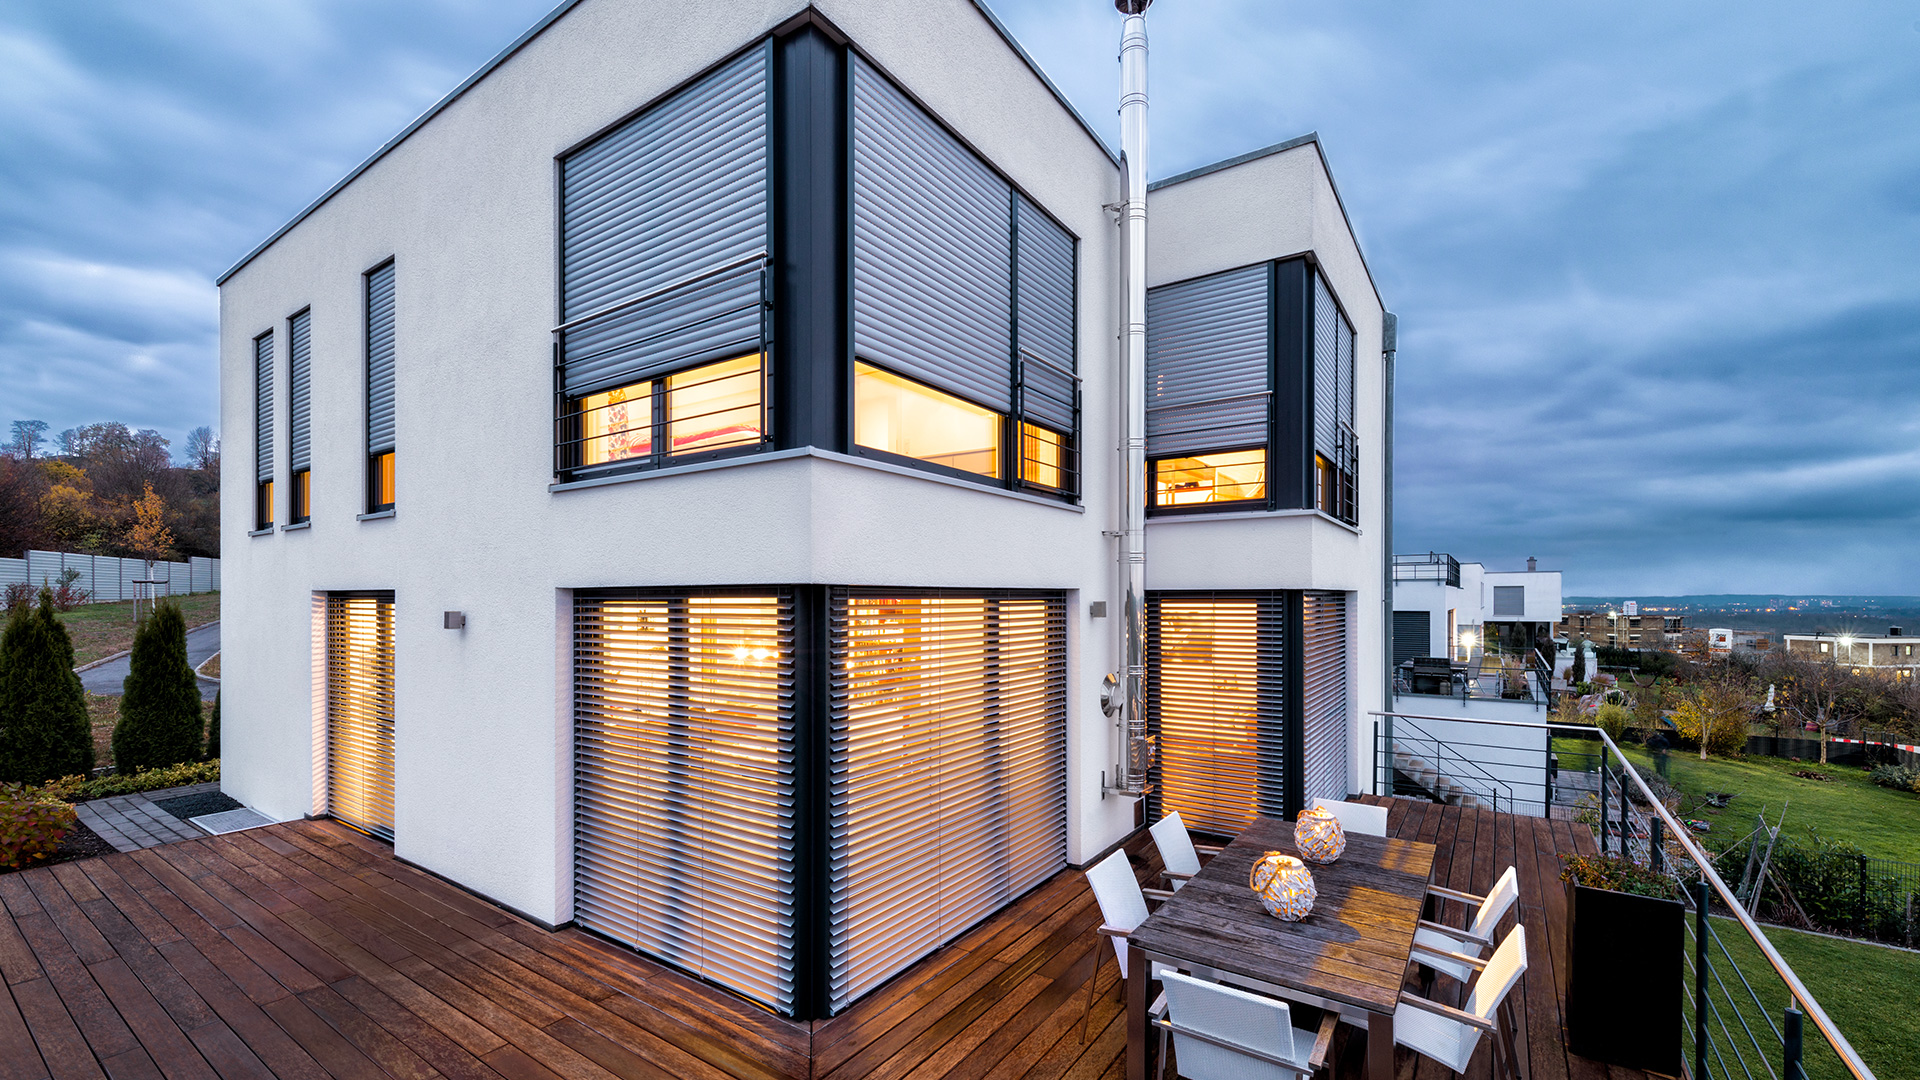 modernes Haus mit Terrasse und Rollläden vor den Fenstern